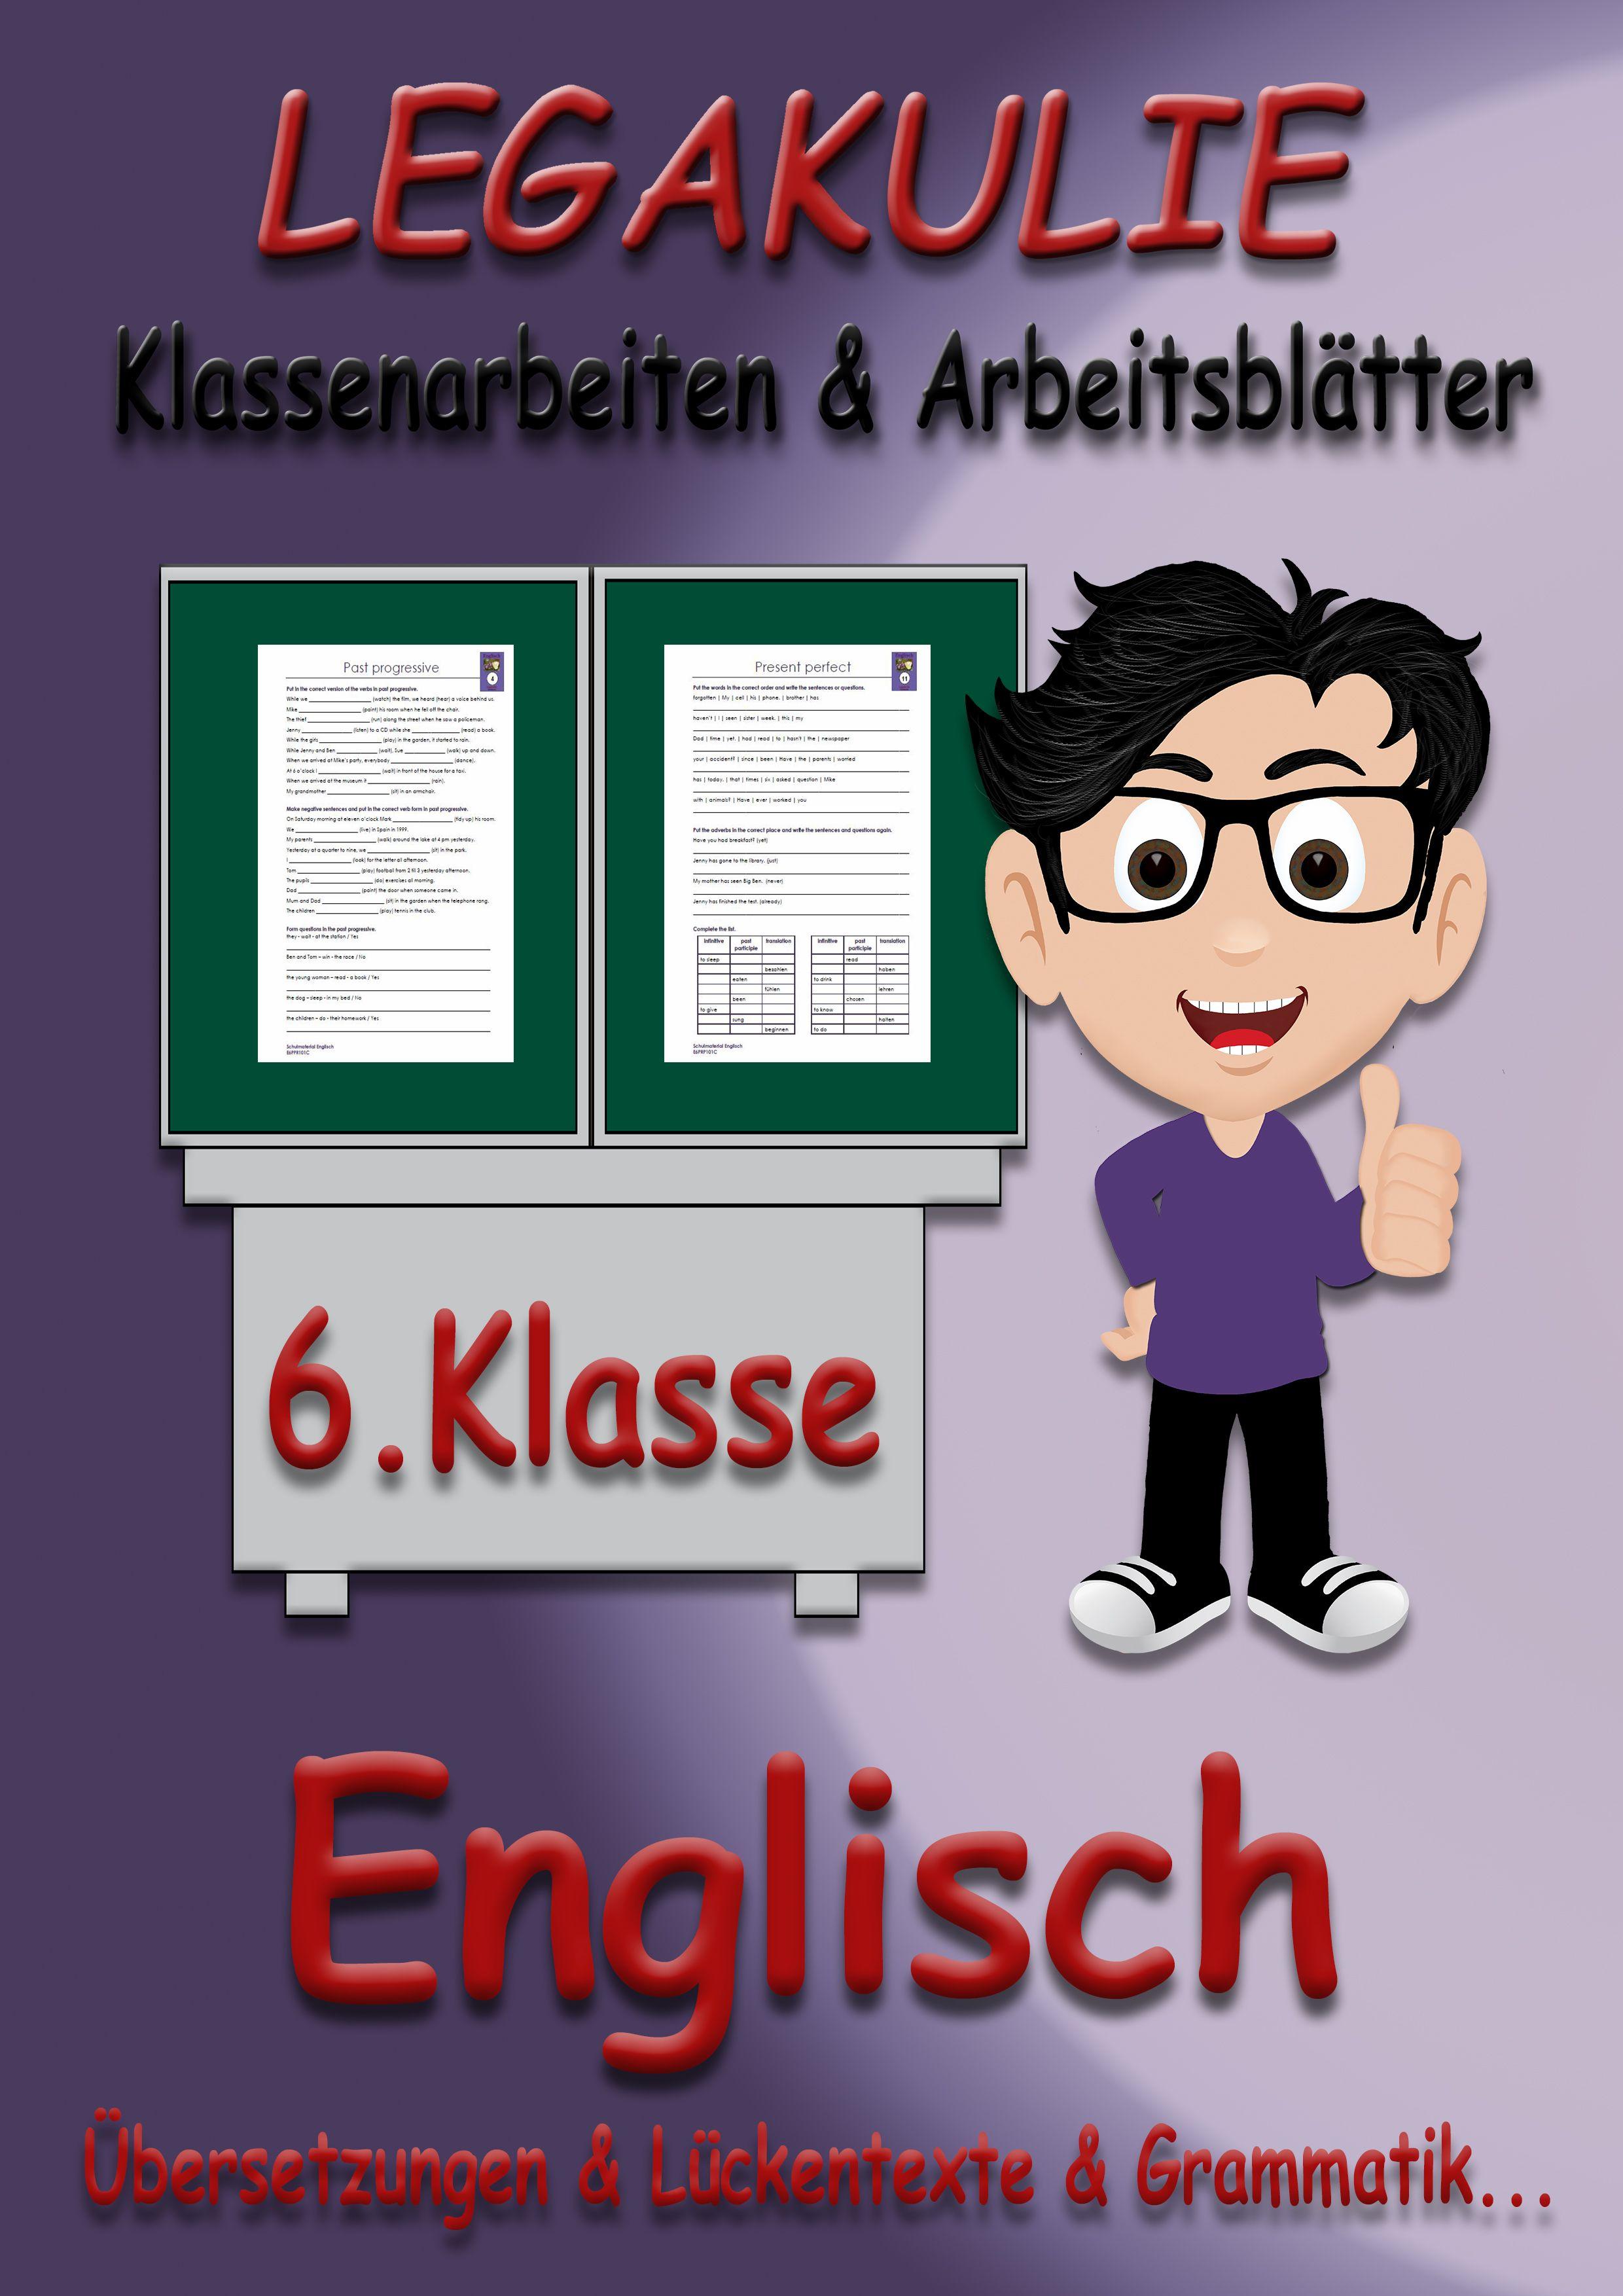 Englisch #6Klasse #Arbeitsblatt #Klassenarbeit Alle ...